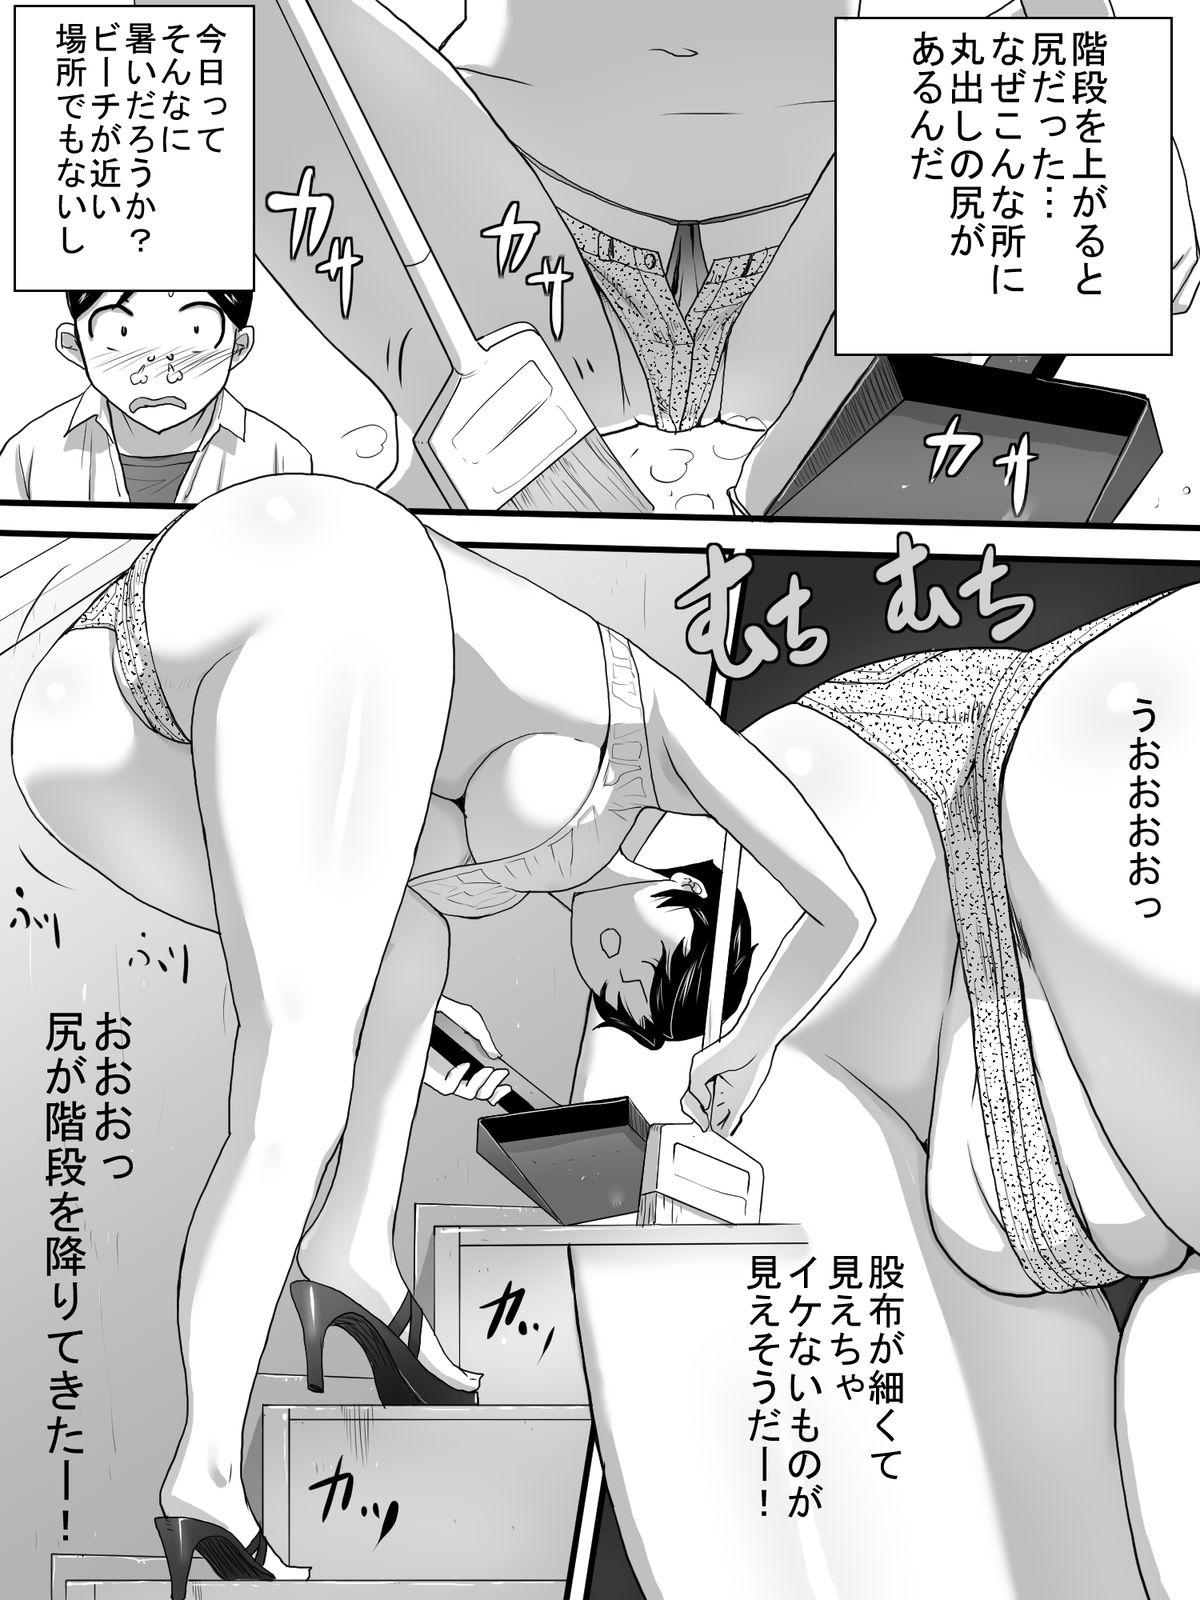 Kanrinin-san wa Bihin 4